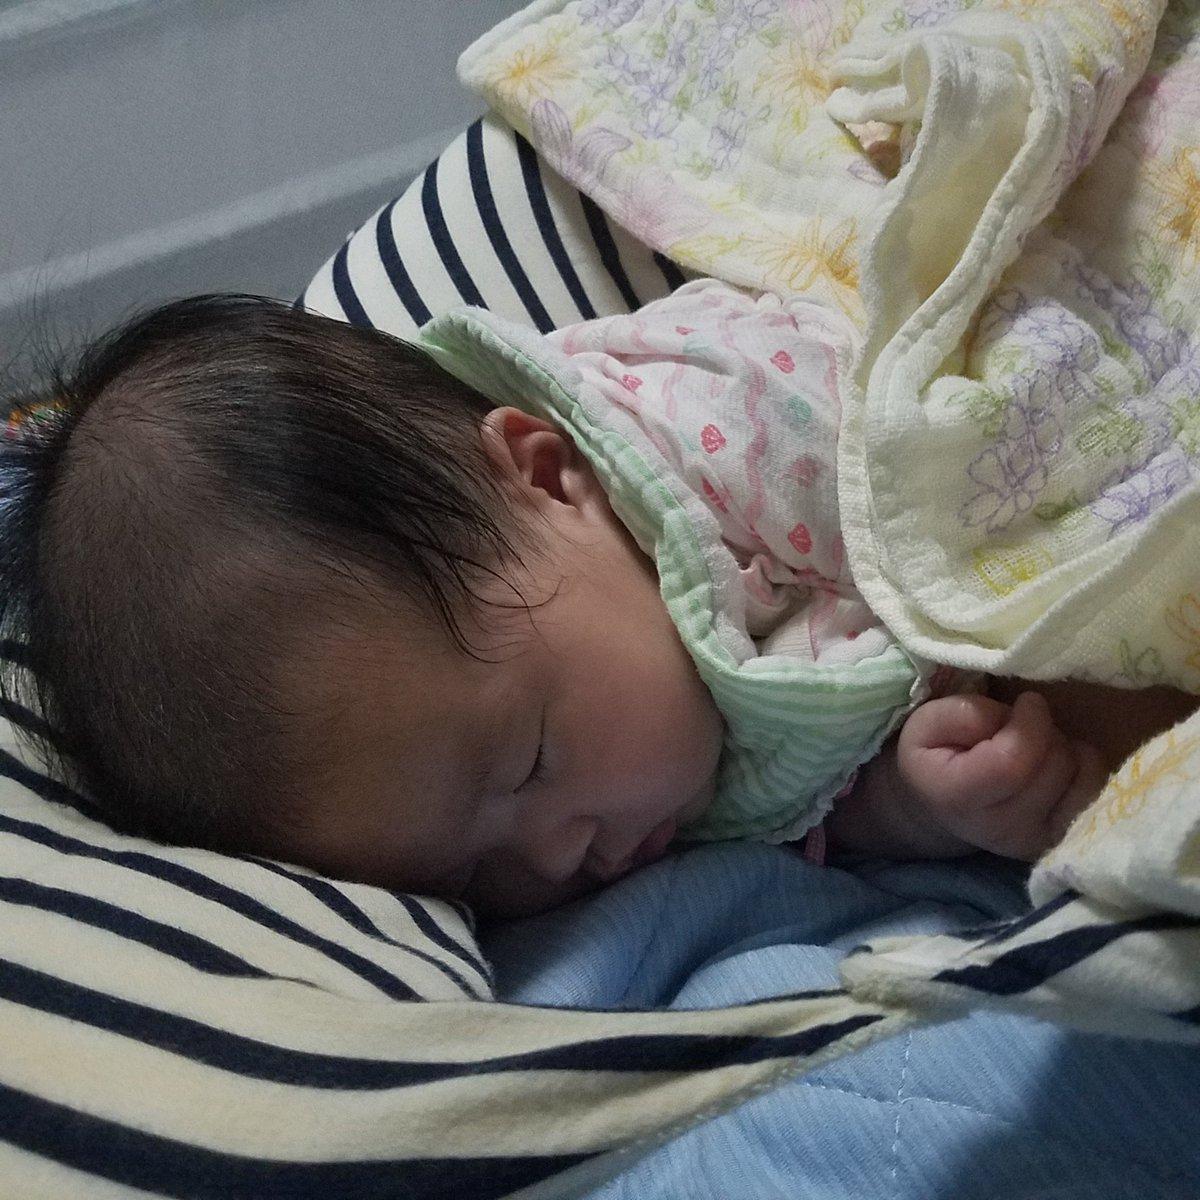 起きる 赤ちゃん 昼寝 すぐ